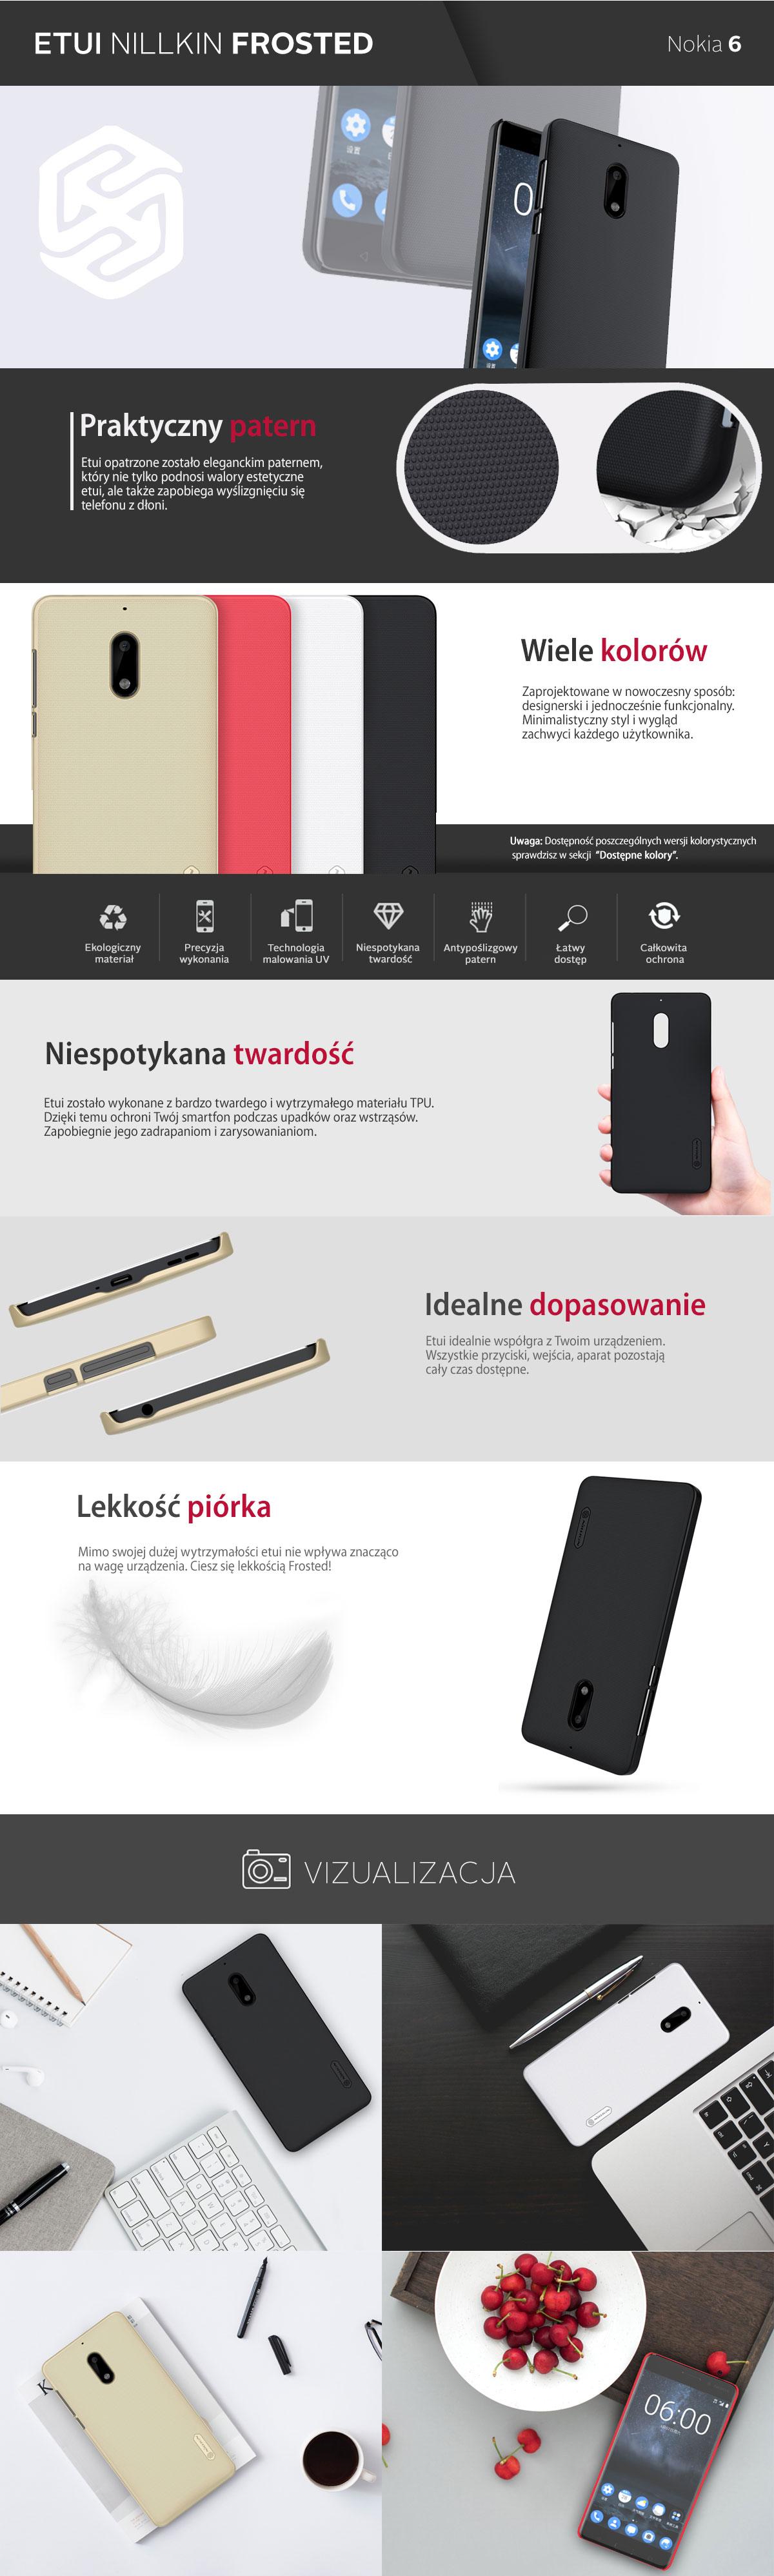 Poznaj produkt